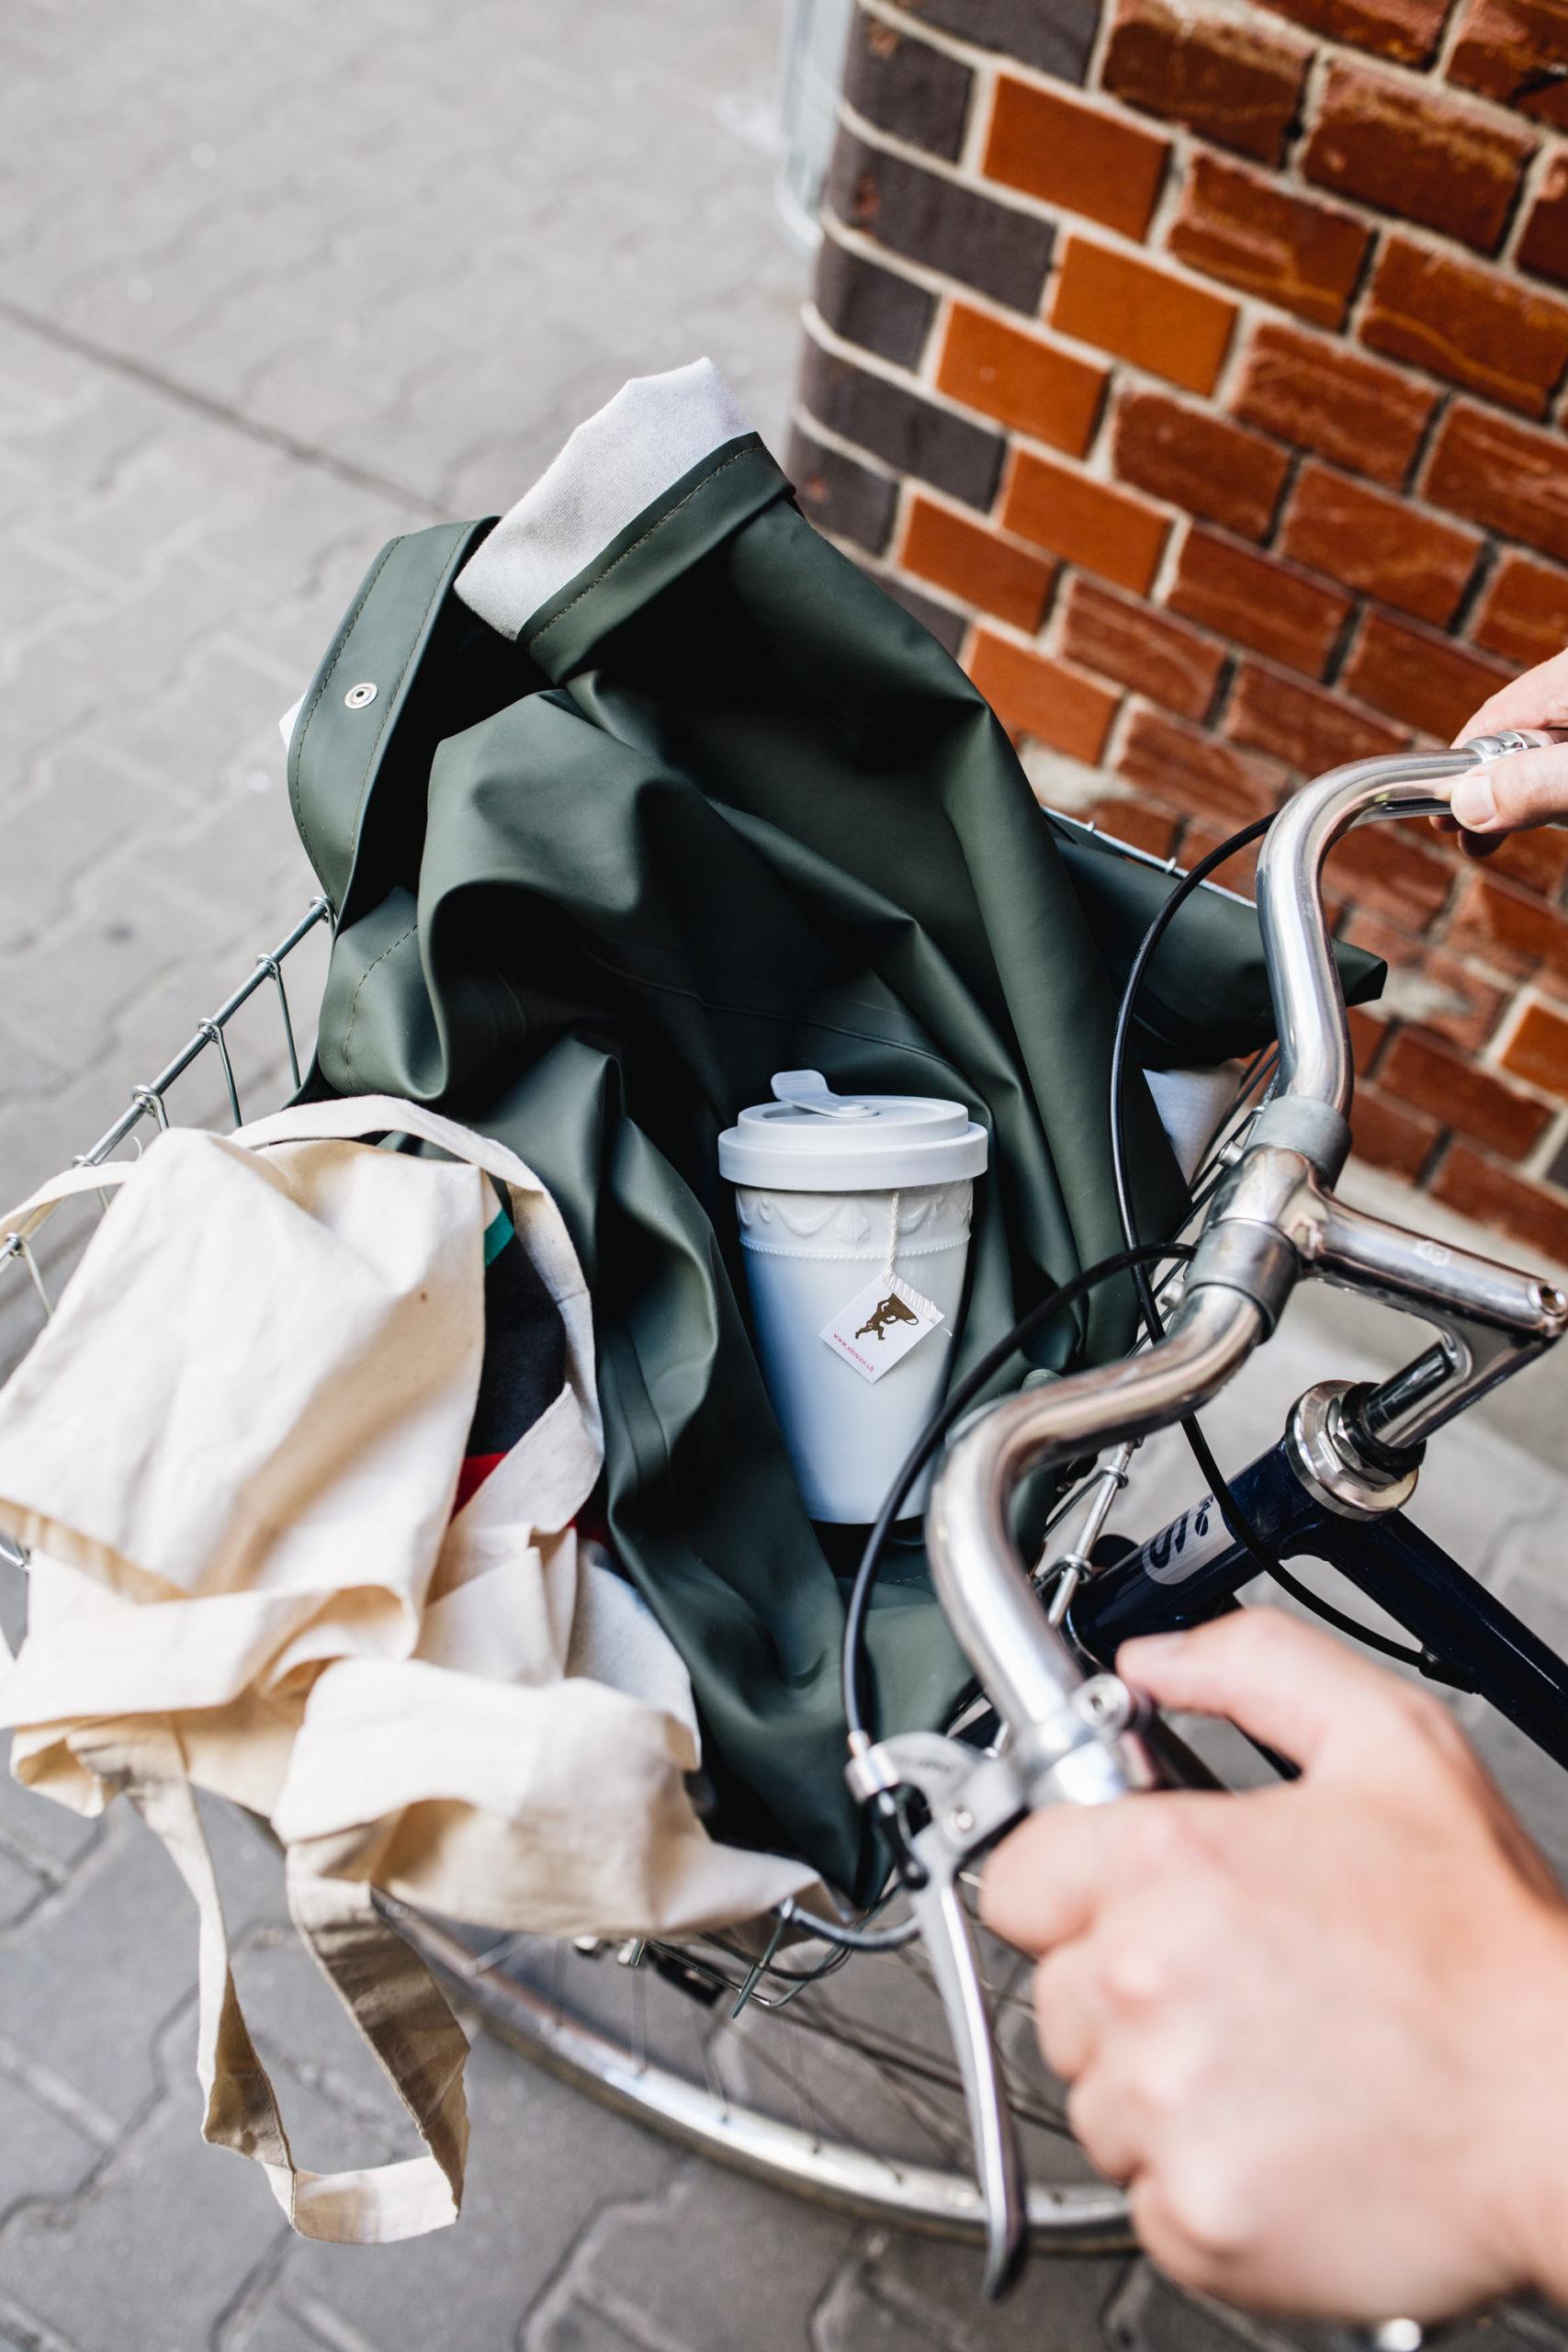 Stil Nie waren Kaffee und Tee to go schöner verpackt: Der To-go-Becher im Kurland-Design von der Königlichen Porzellan-Manufaktur Berlin ist eines unserer Highlights.